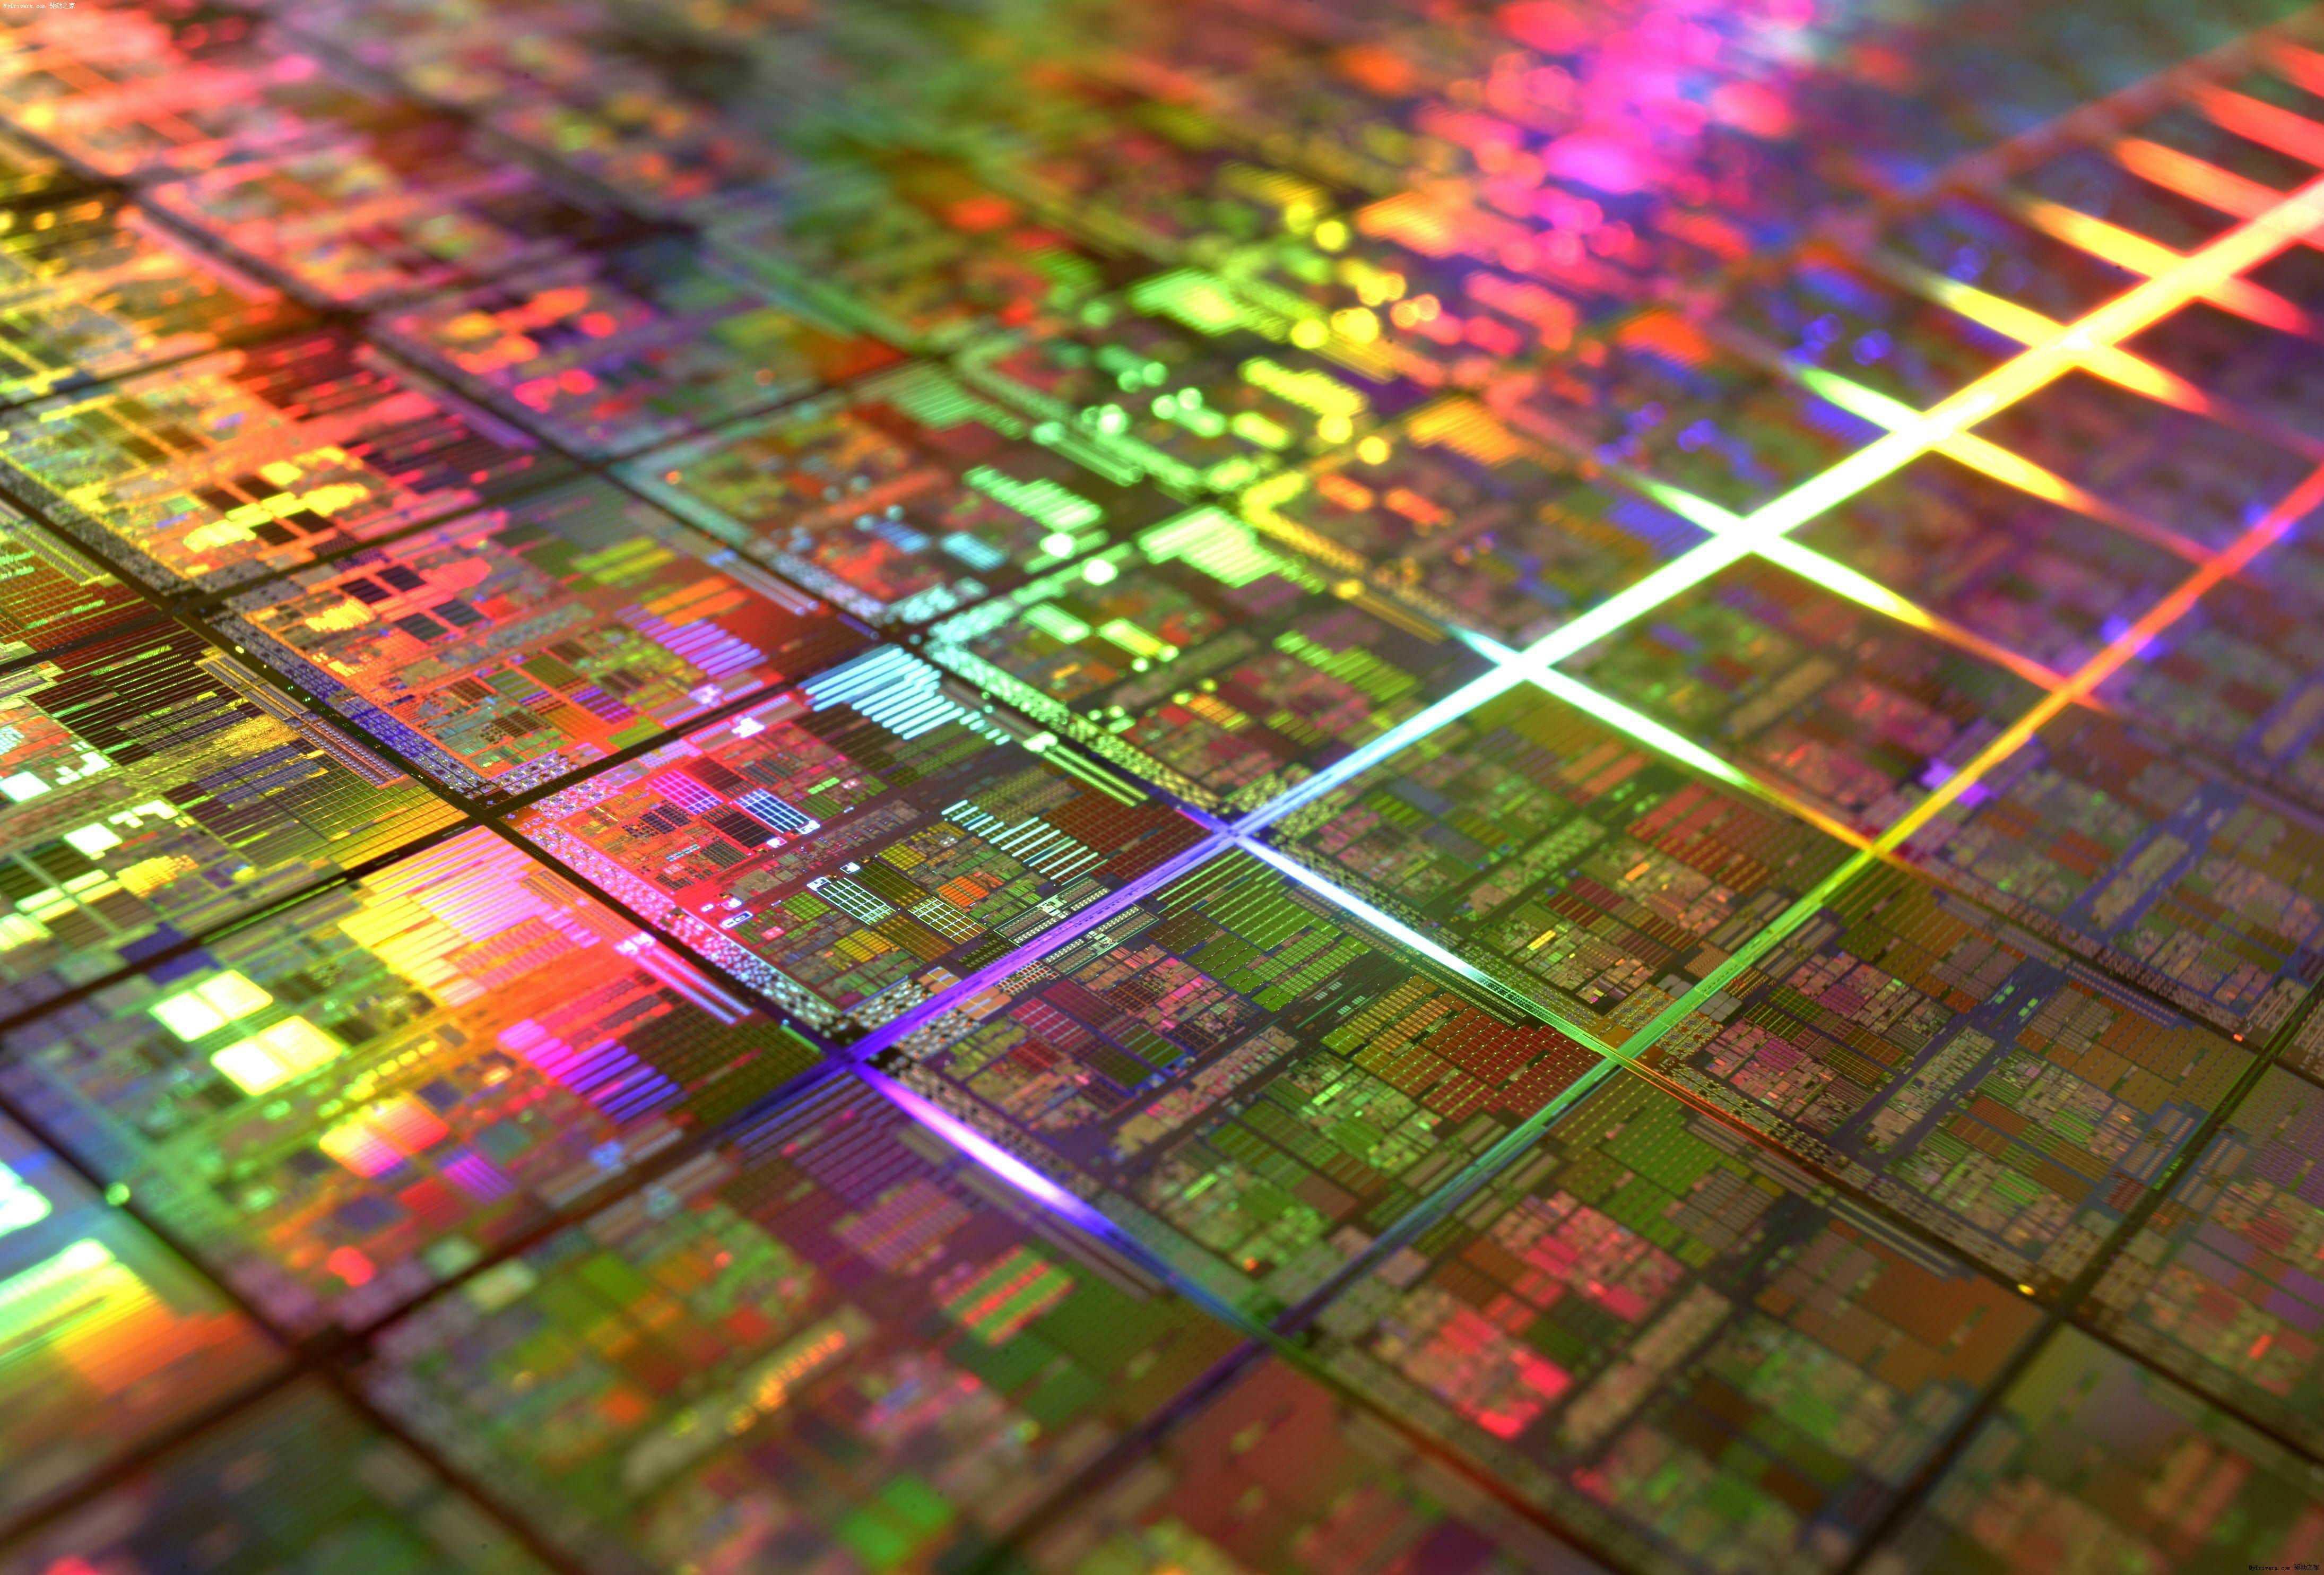 خلفيات كمبيوتر جديدة بجودة عالية وطريقة تحميلها وتثبيتها علي جهازك 11